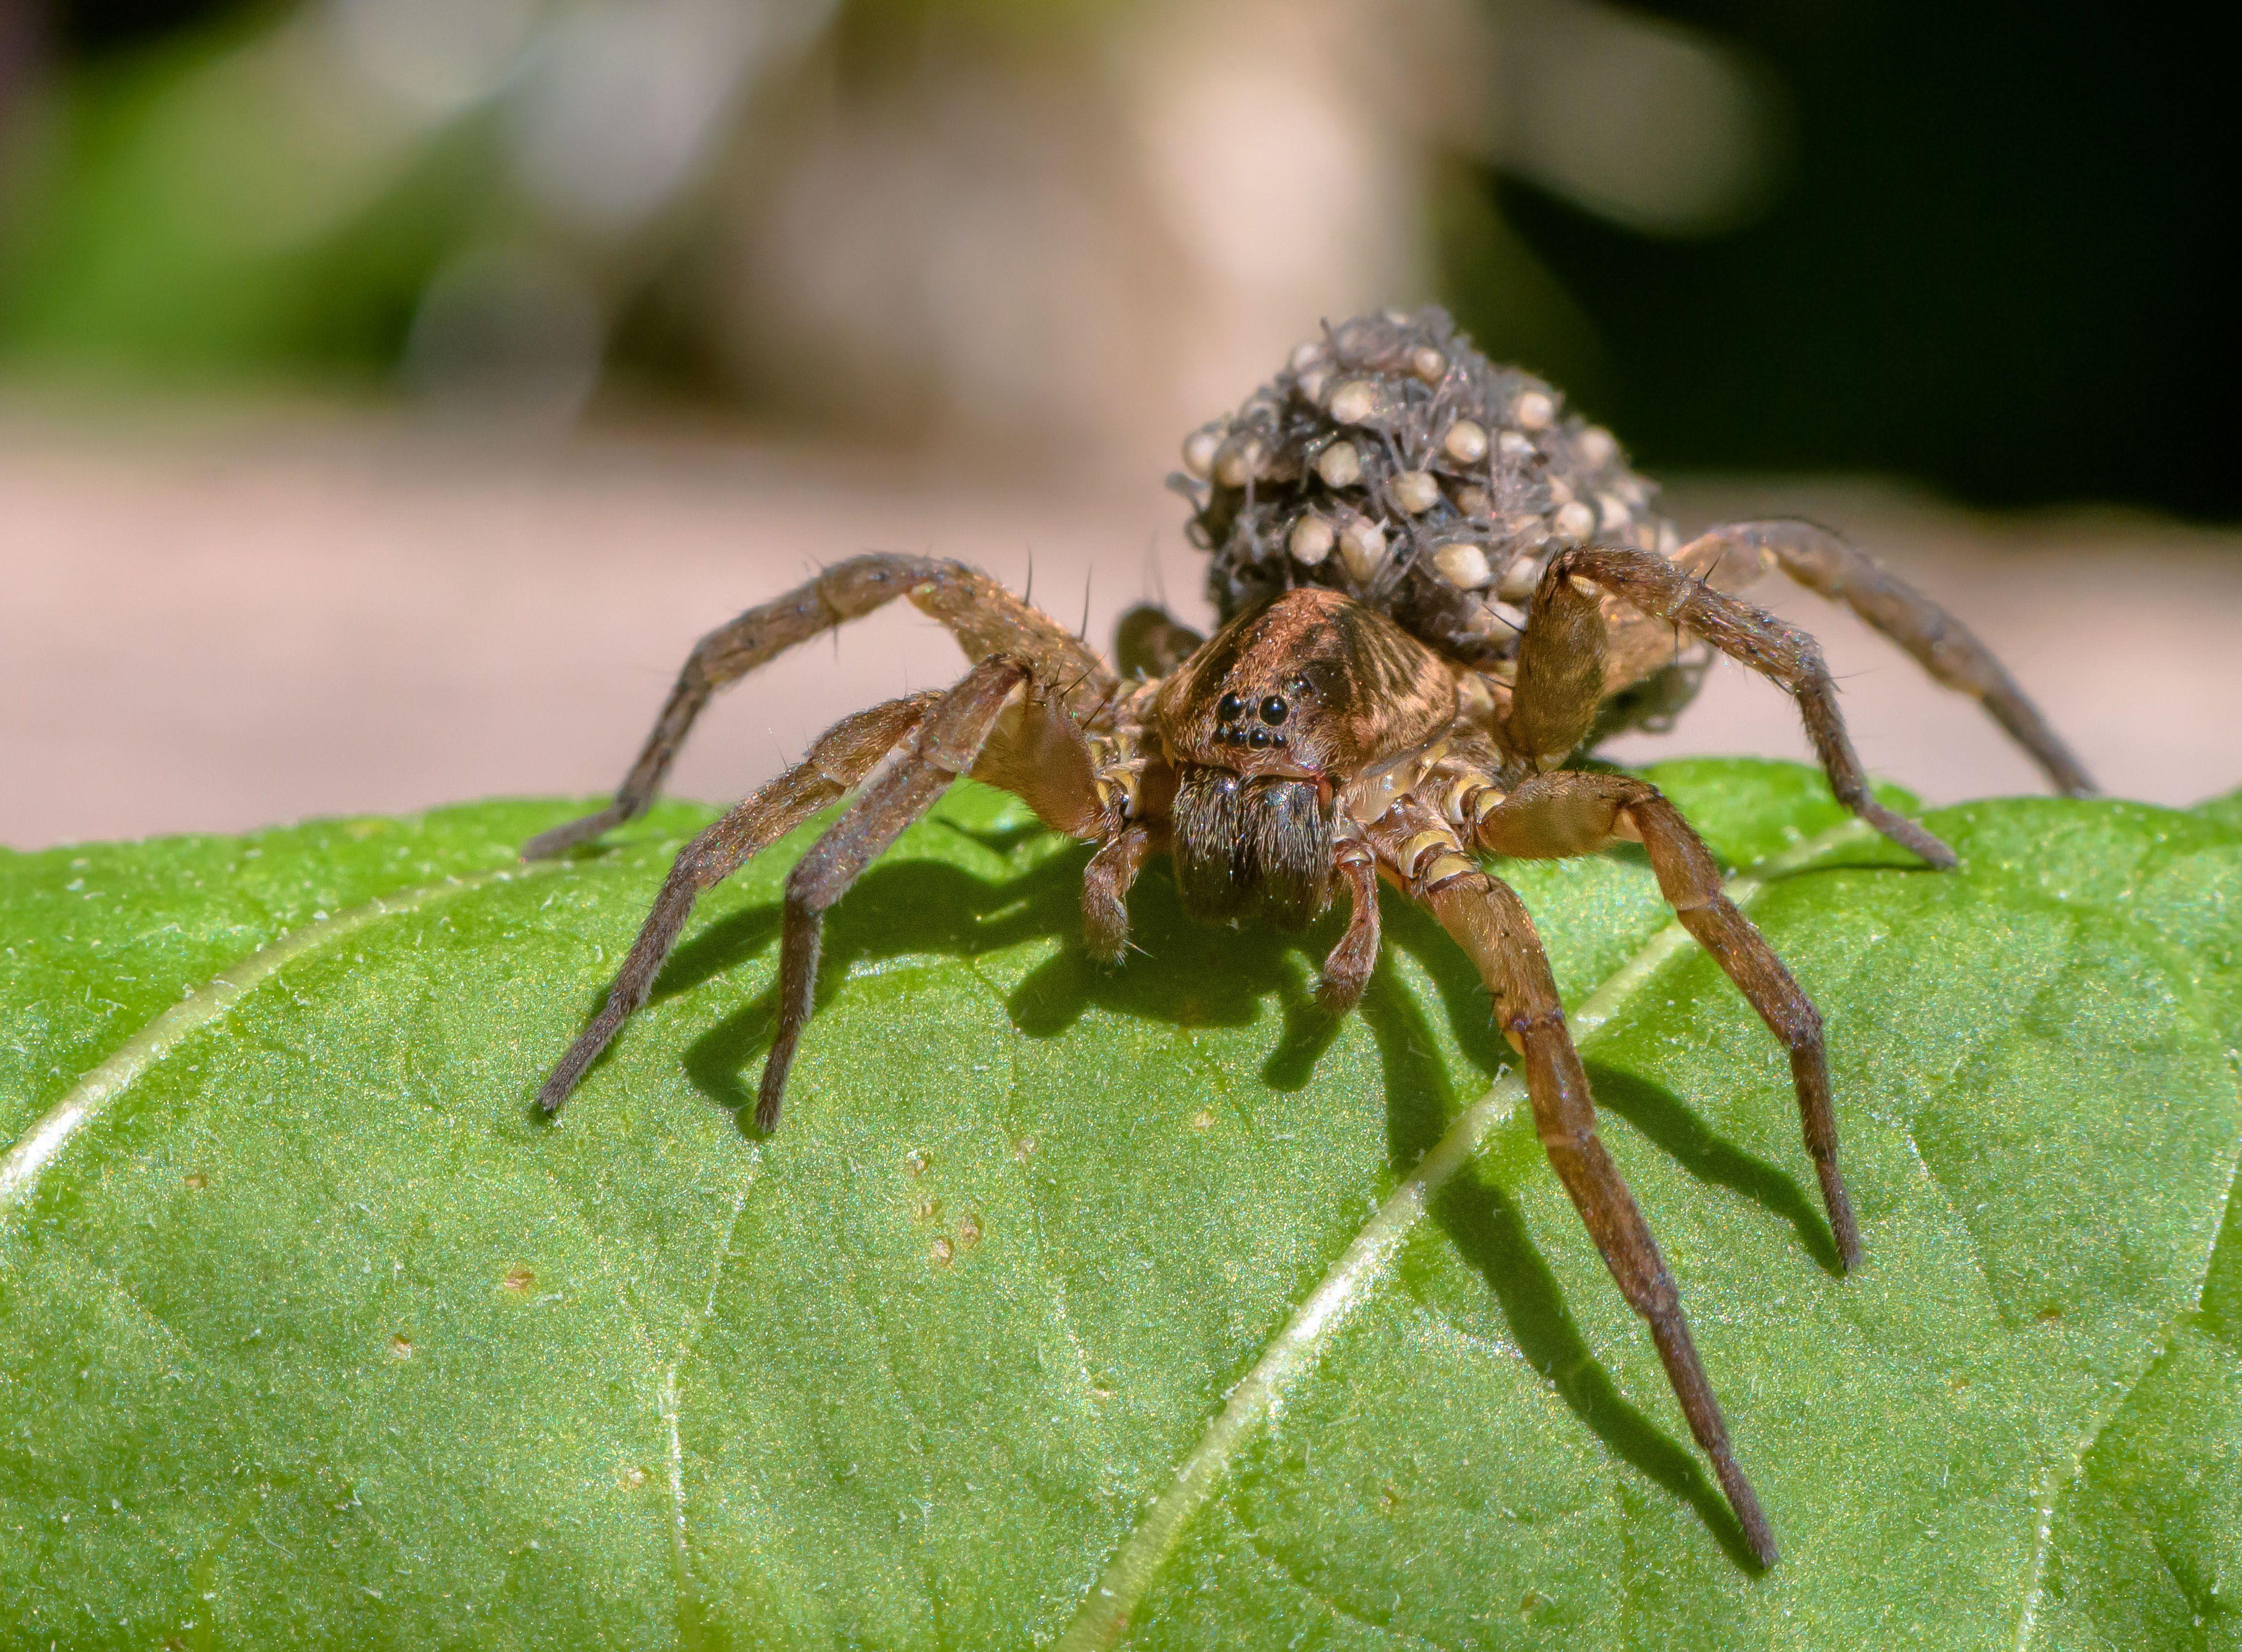 материнский инстинкт, паук-волк, паук, самка паука, паучата, июнь, макро, паукообразные, членистоногие, забота о потомстве, lycosidae, Соварцева Ксения